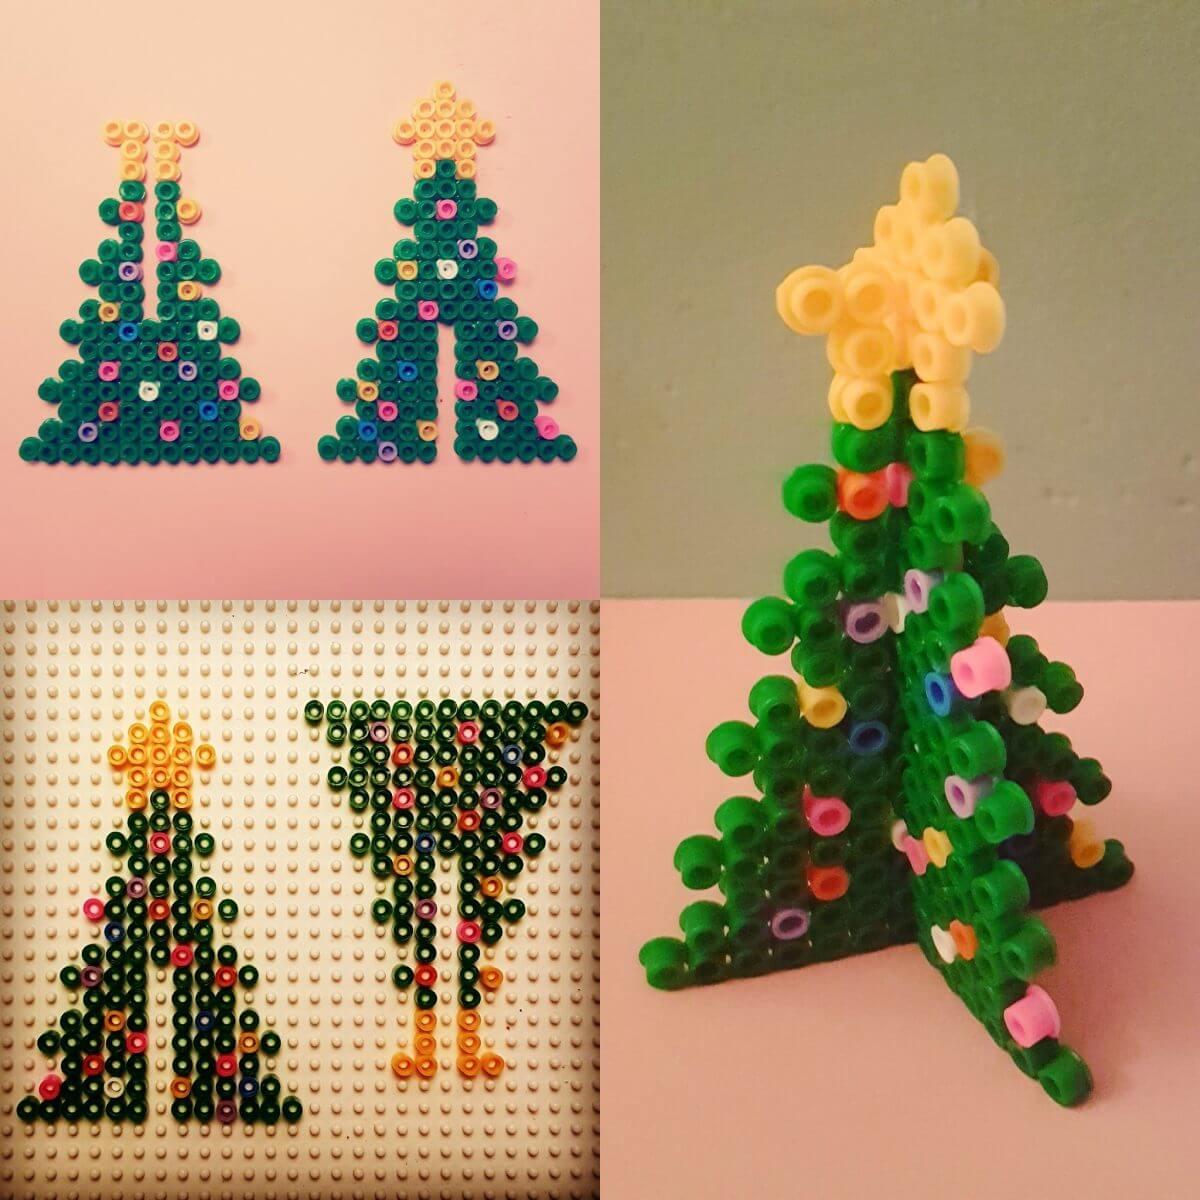 Kerst knutselen: heel veel leuke ideeën - strijkkralen 3d kerstboom